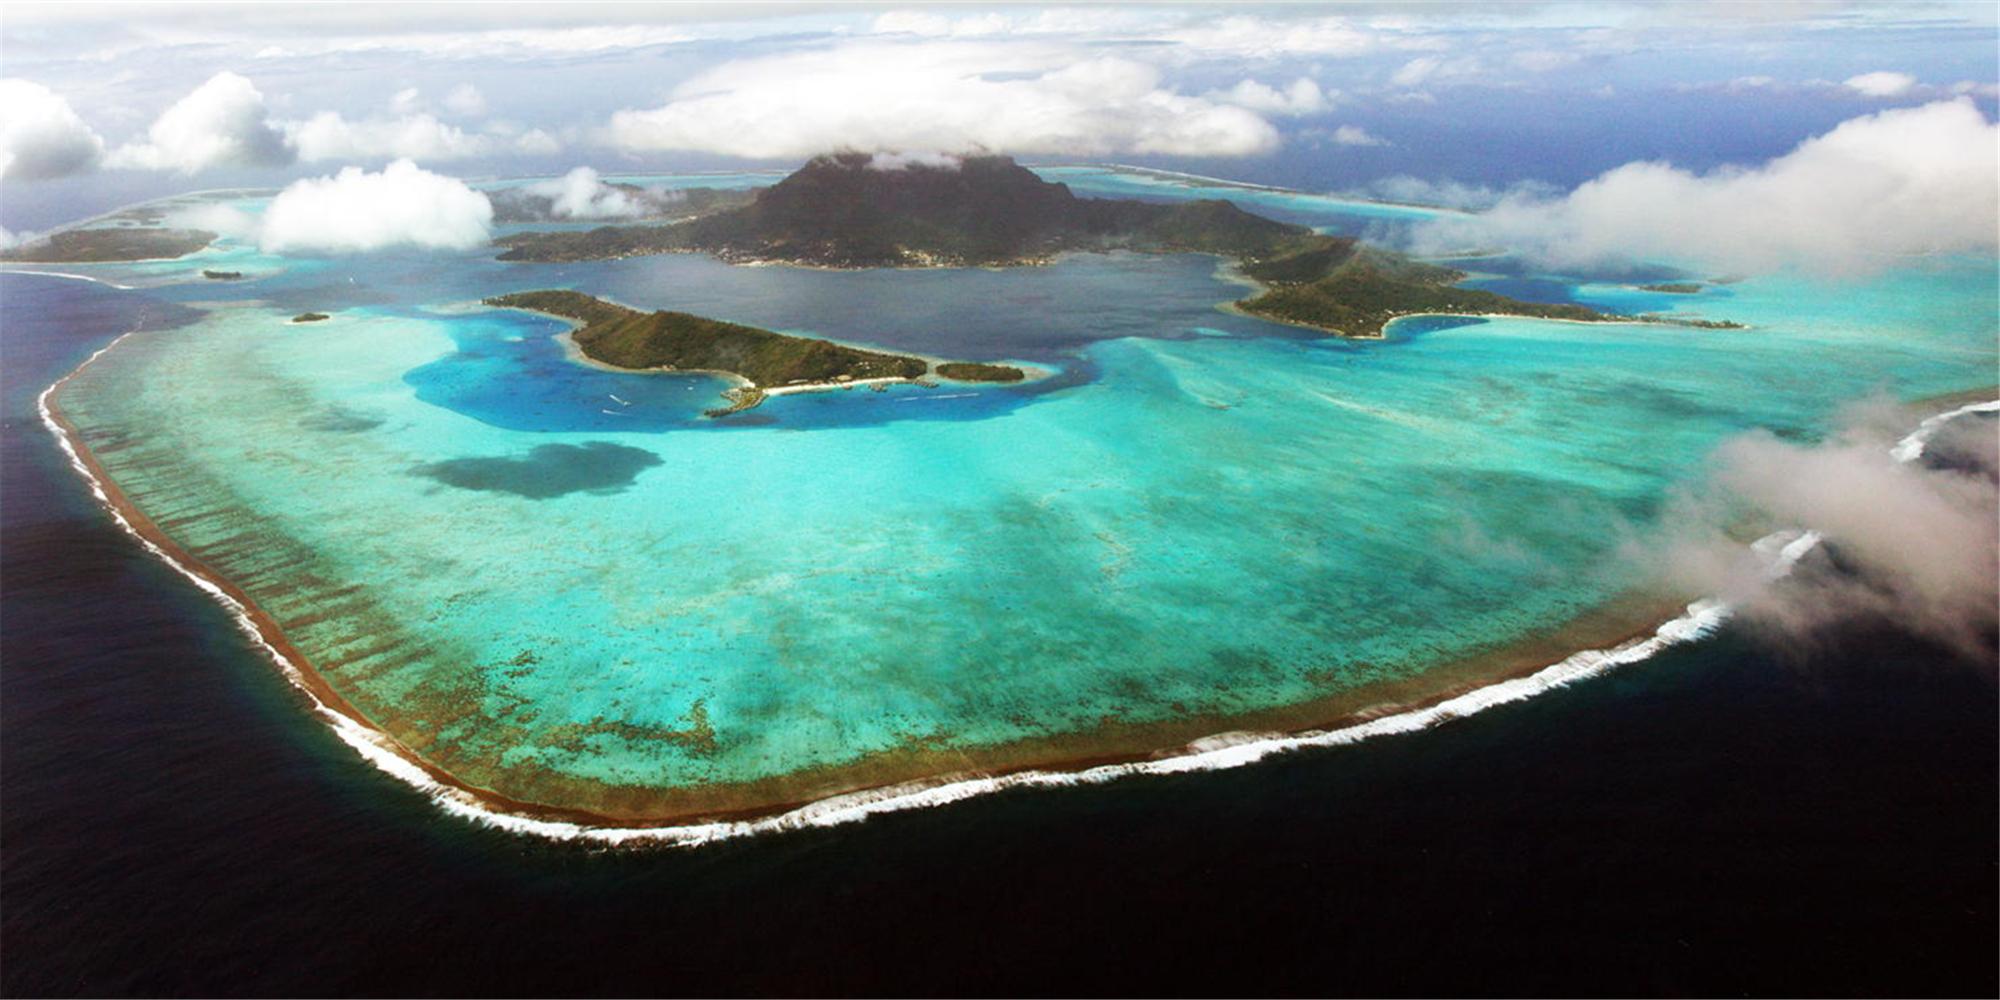 2015波拉波拉岛v攻略攻略,波拉波拉岛自助游_密室逃脱帝国攻略图片